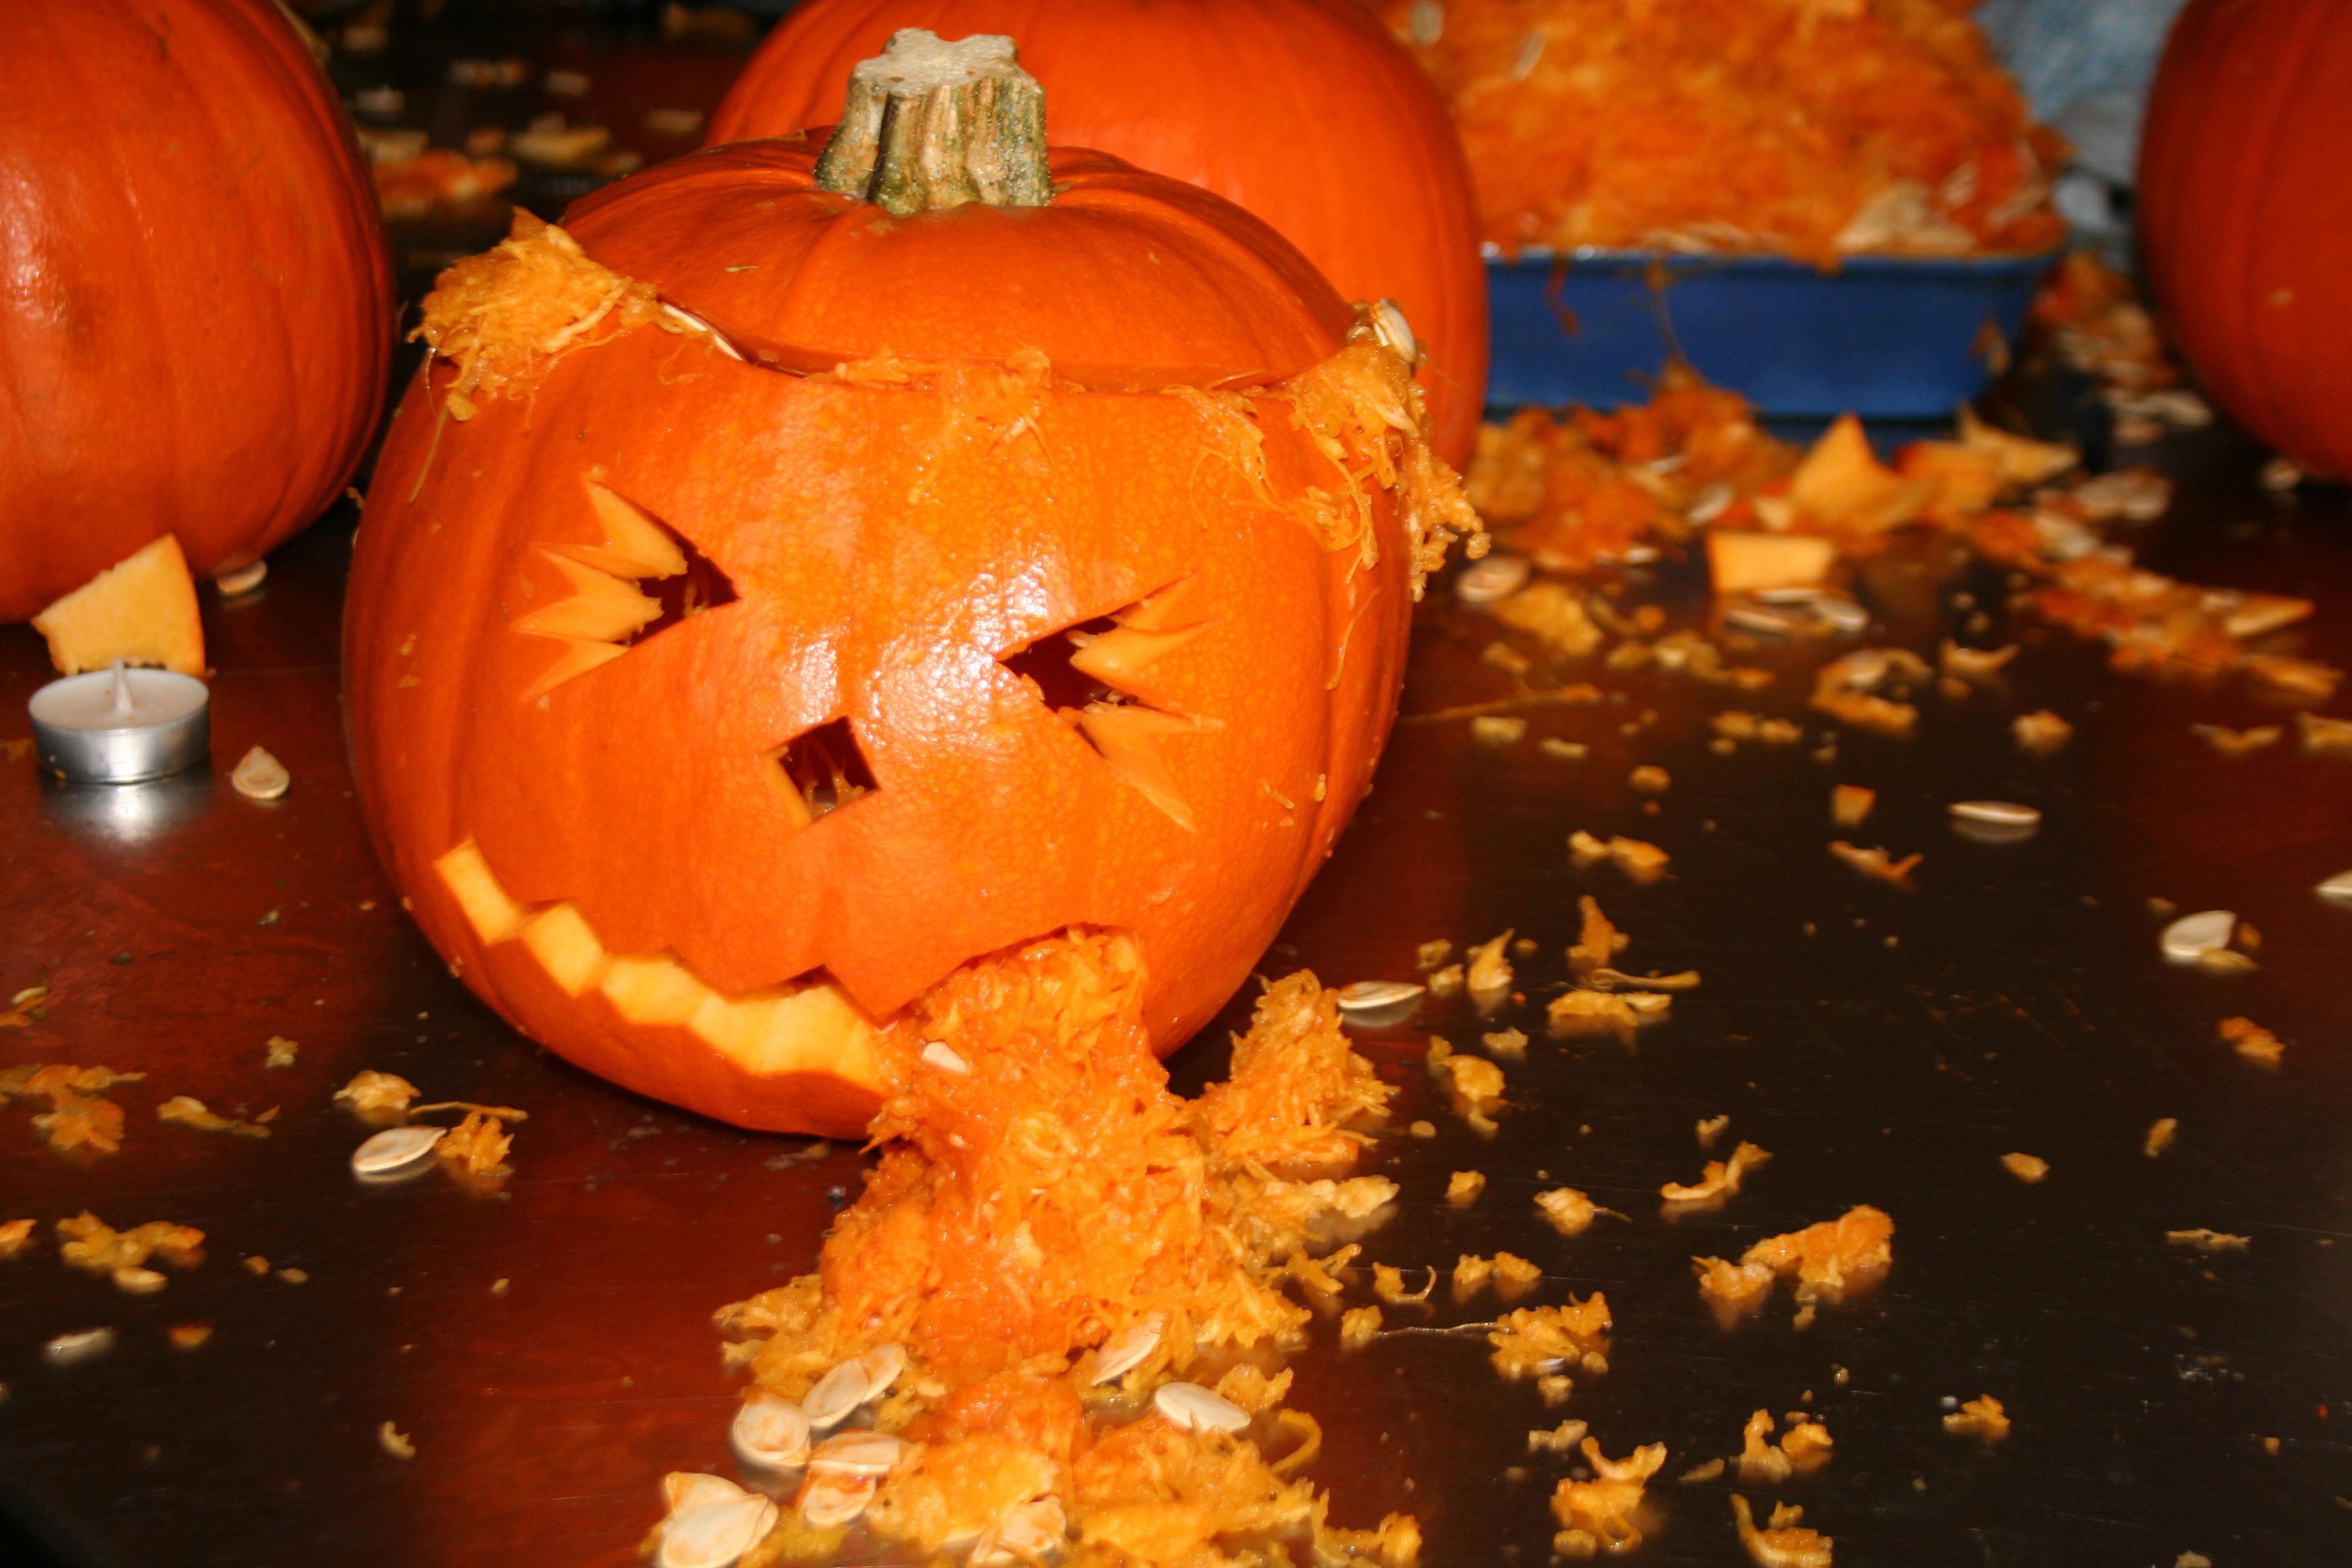 Thursday 25th Oct - Pu**ng Pumpkin